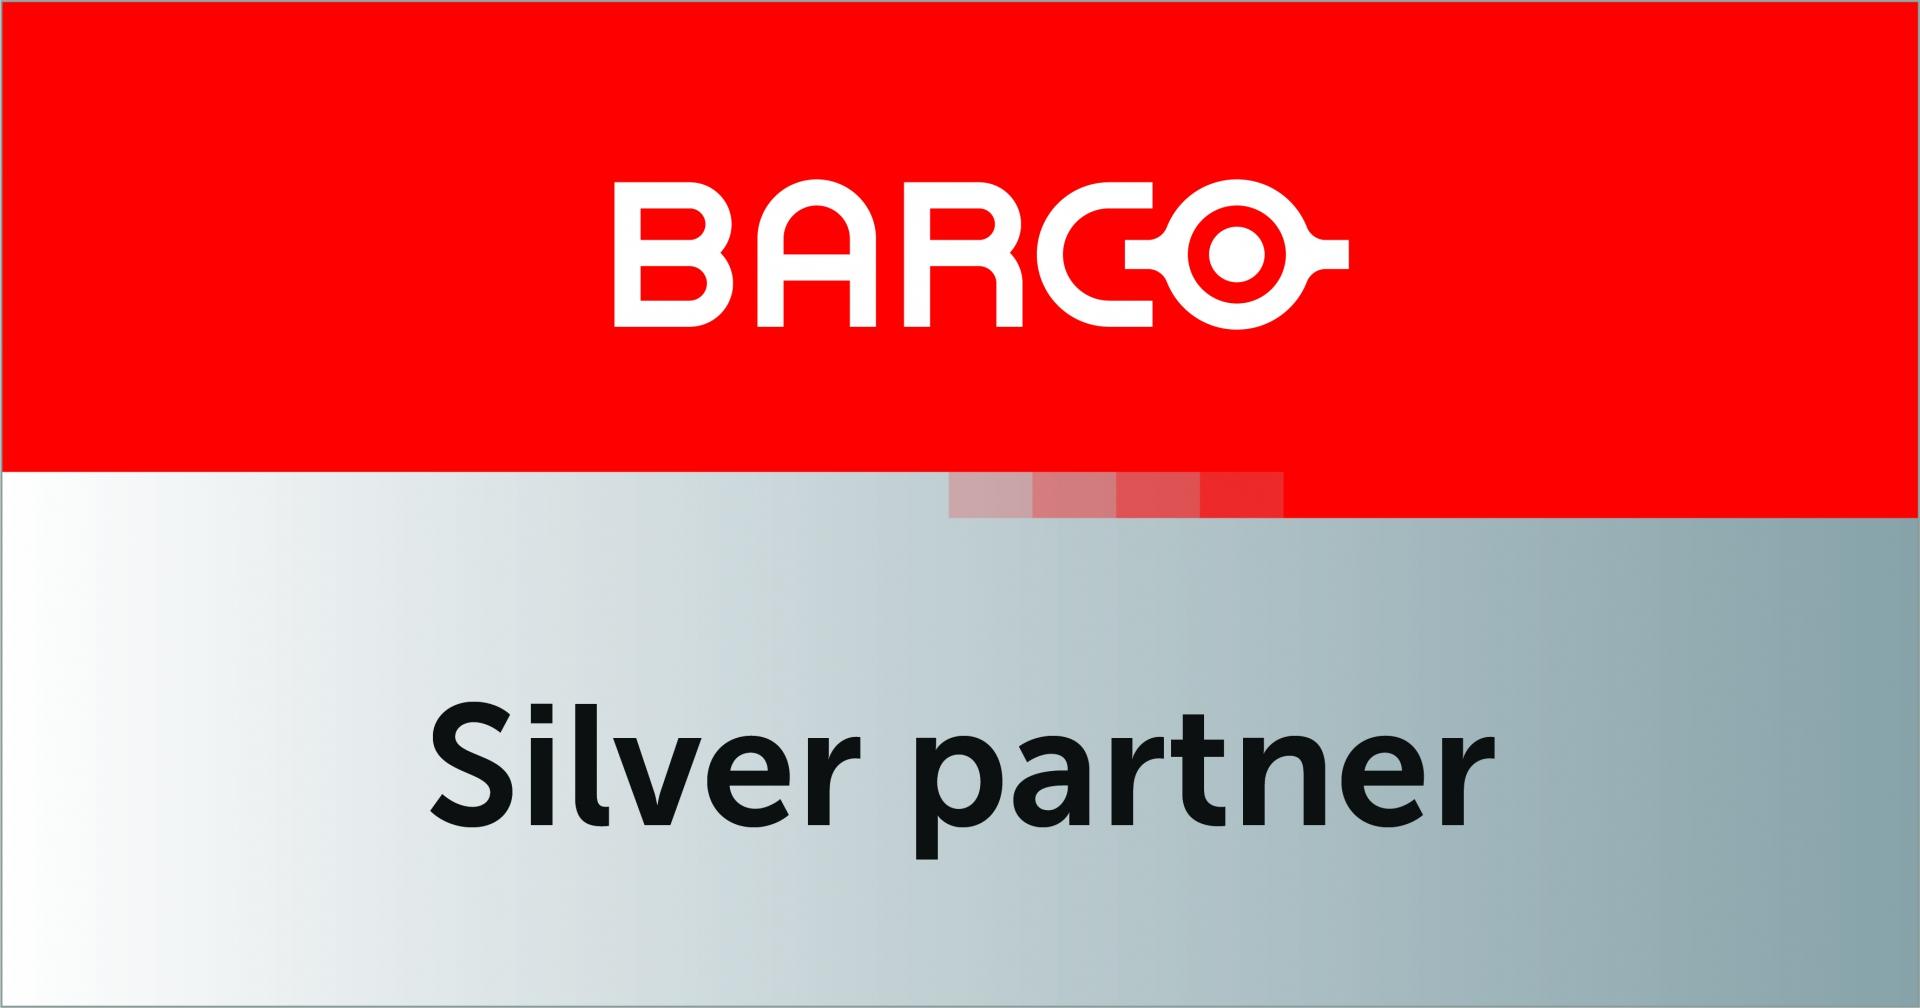 Barco Silver Partner